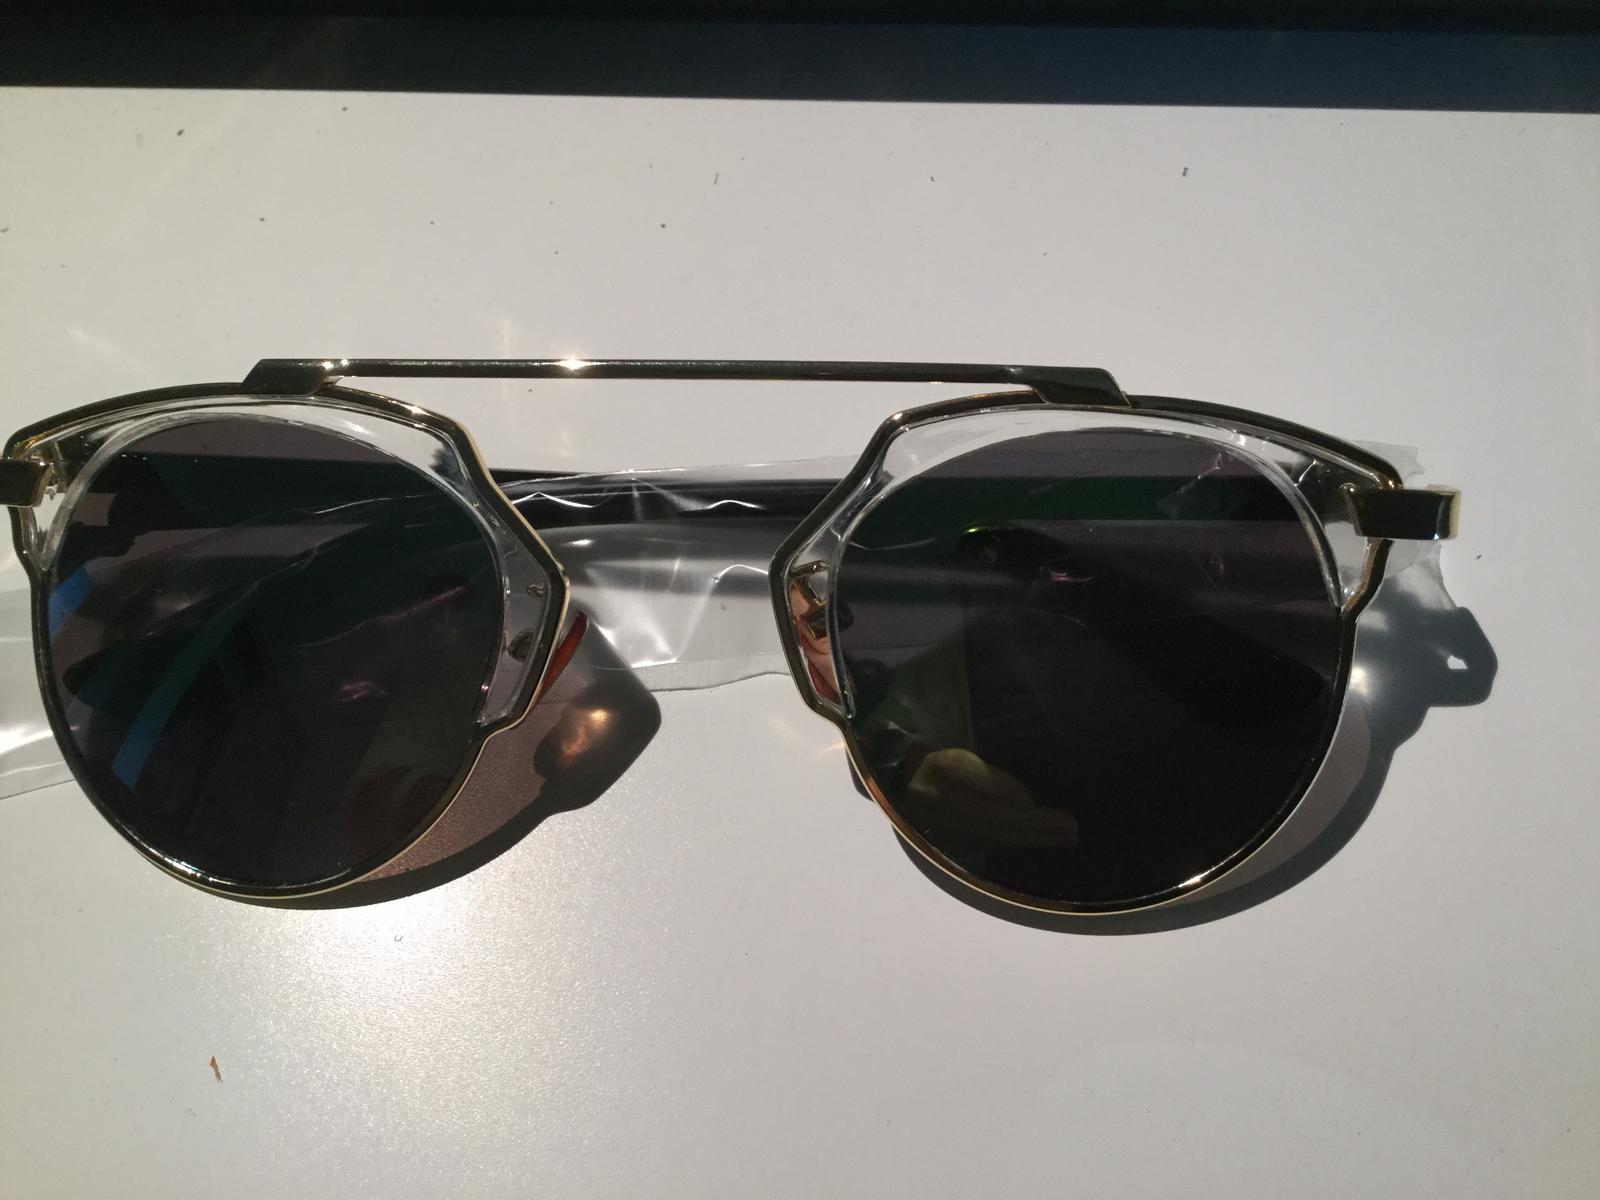 bc001e2d51 Pozor AKCIA  Pri kúpe 2 veci a viac p. Detské okuliare v štýle dior